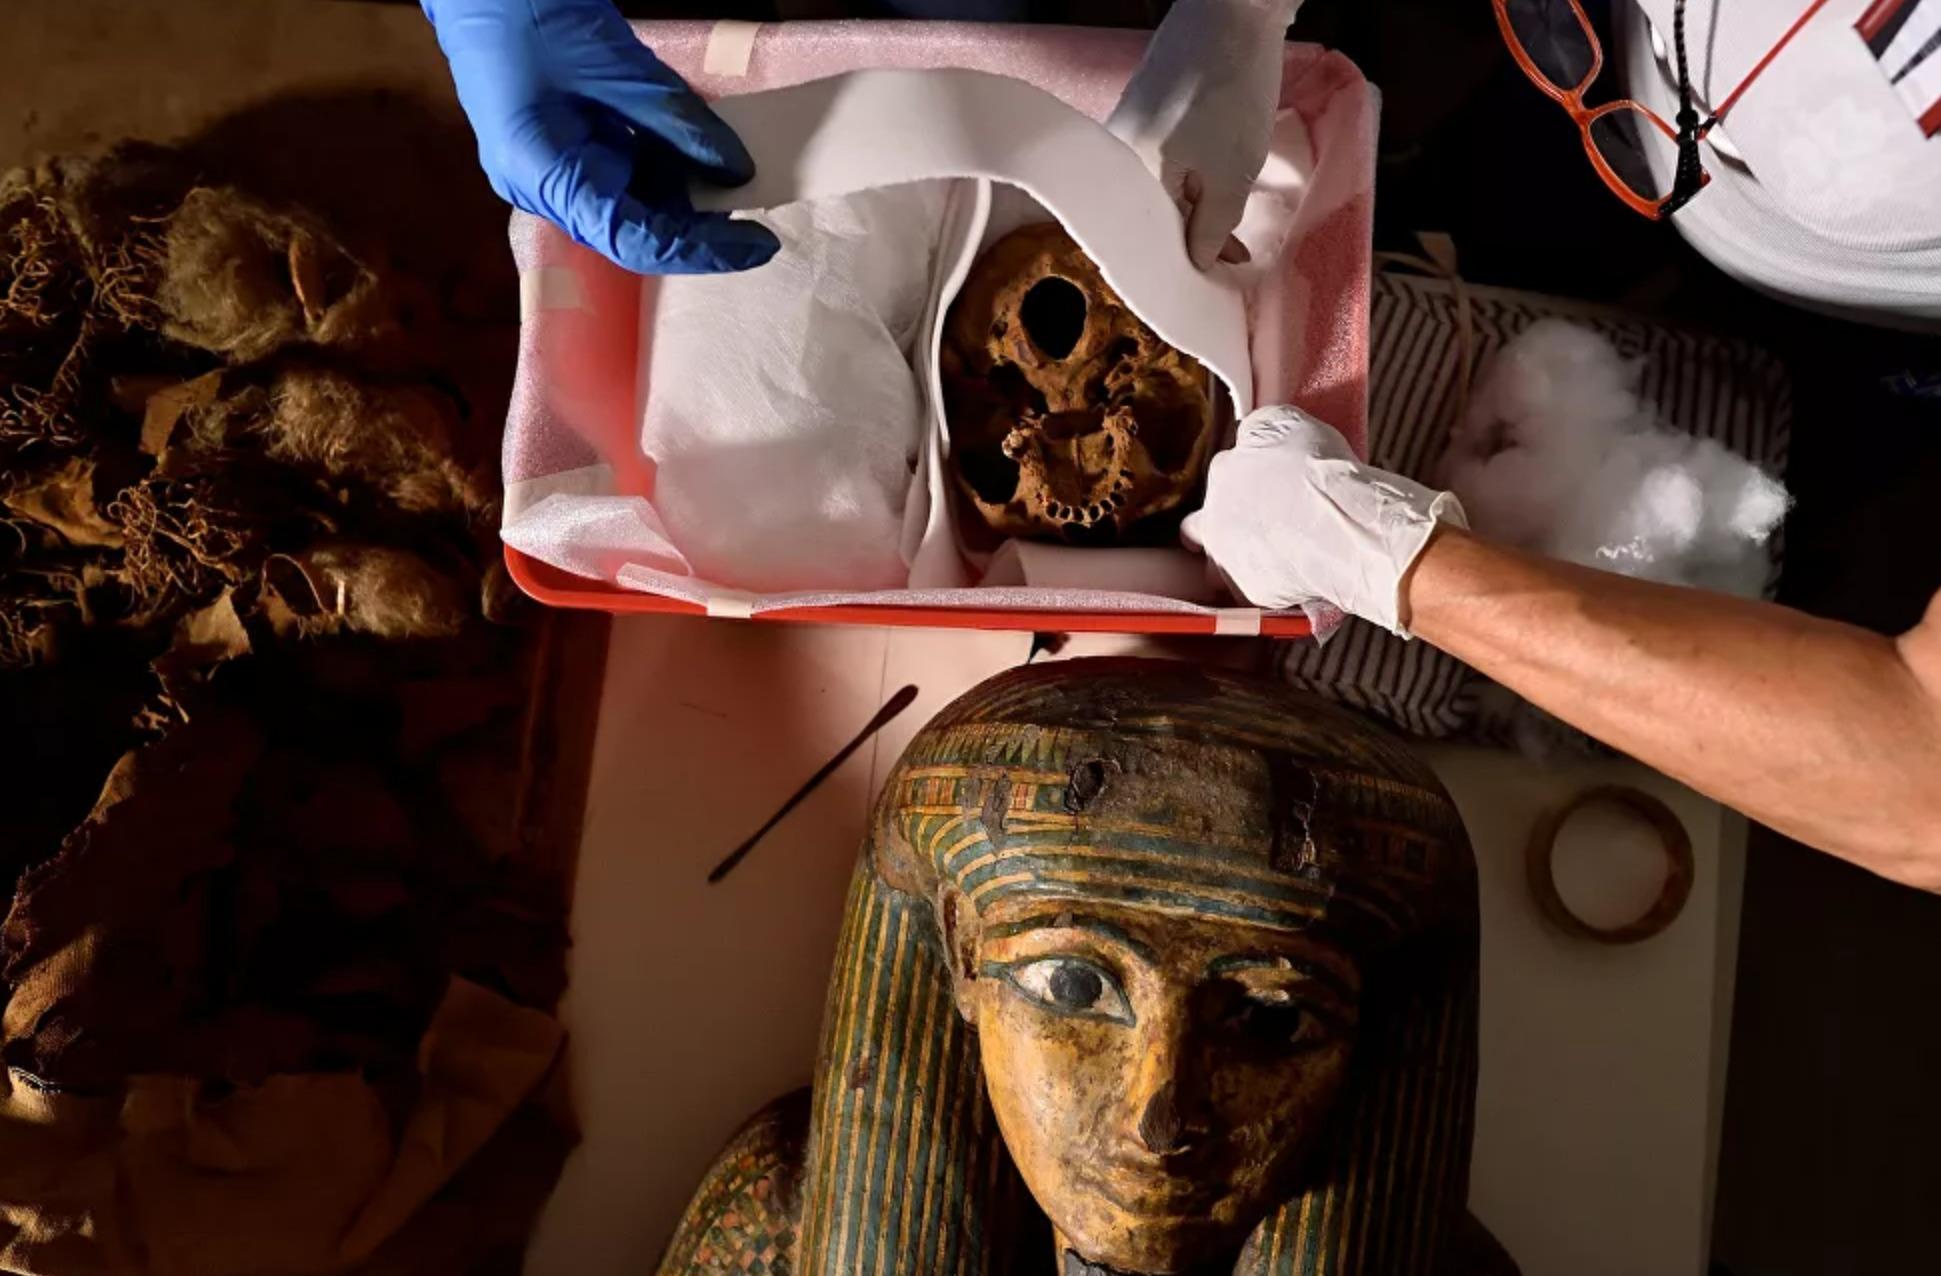 معاینه مومیایی مصری که ممکن است به درمان بیماریهای بدخیم کمک کند////بماند